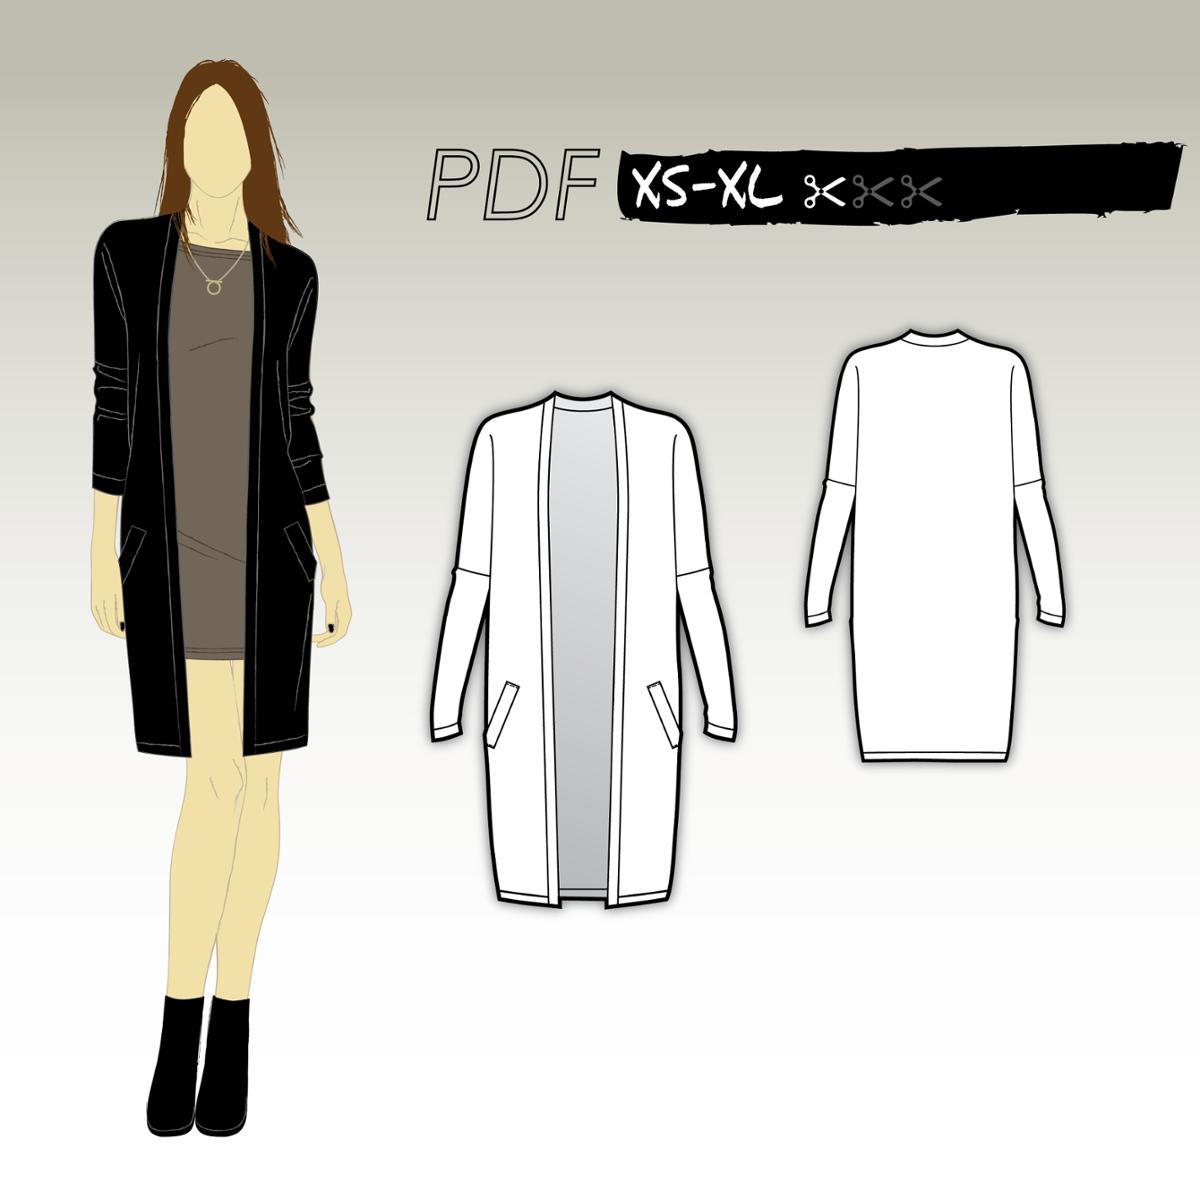 XS-XL Long cardigan with welt pockets | Craftsy | arañita tejedora ...